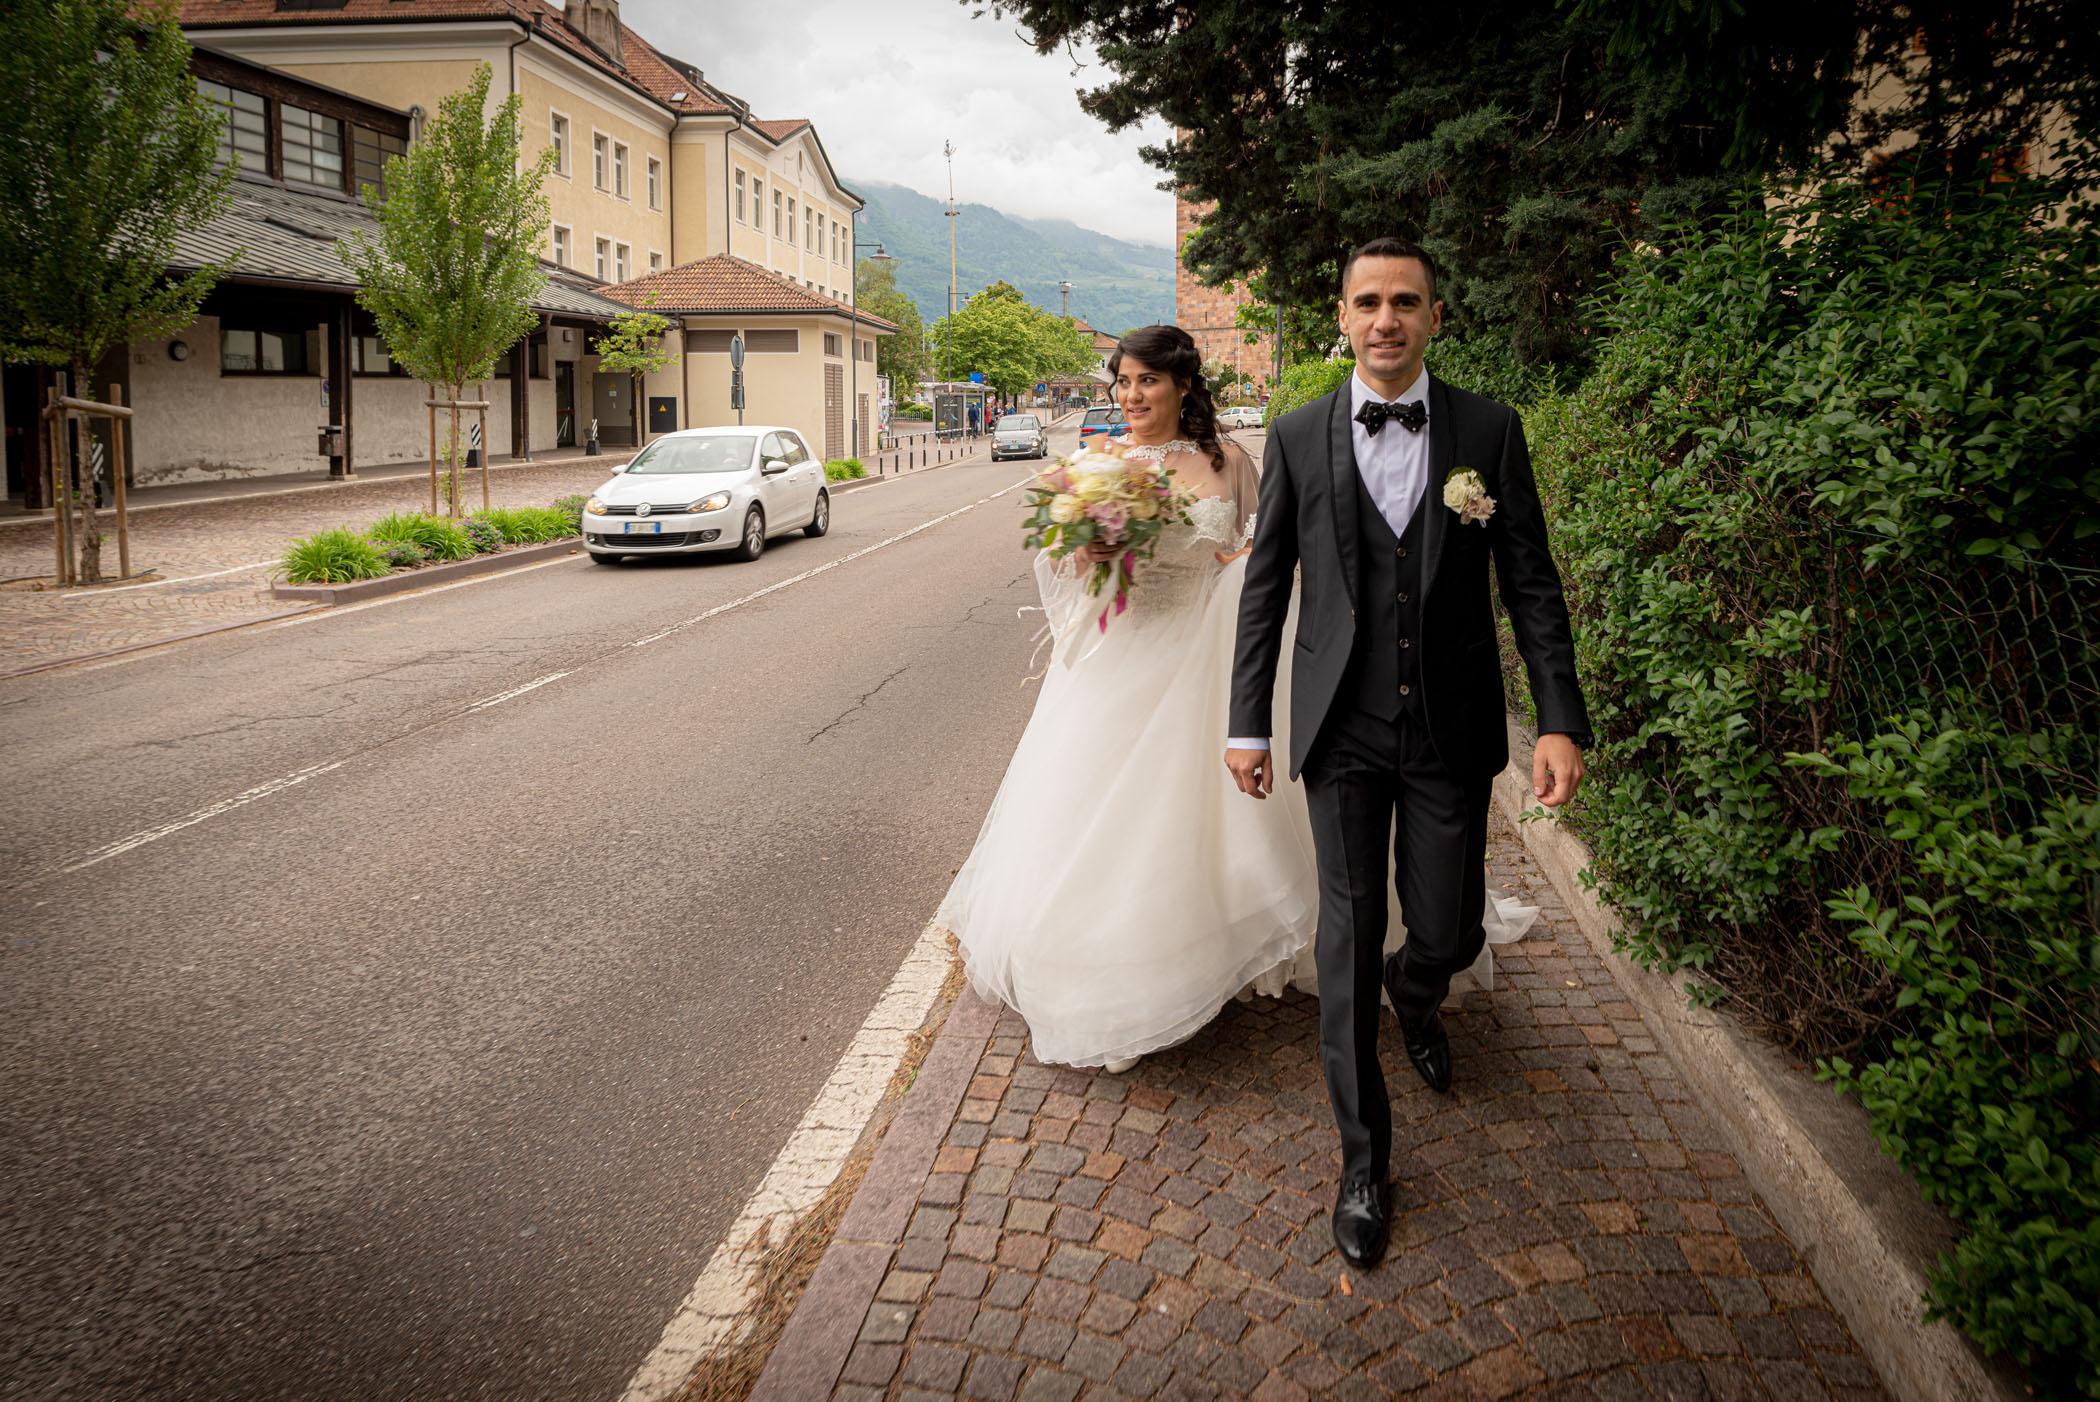 DSC 2989 - Alessia e Riccardo